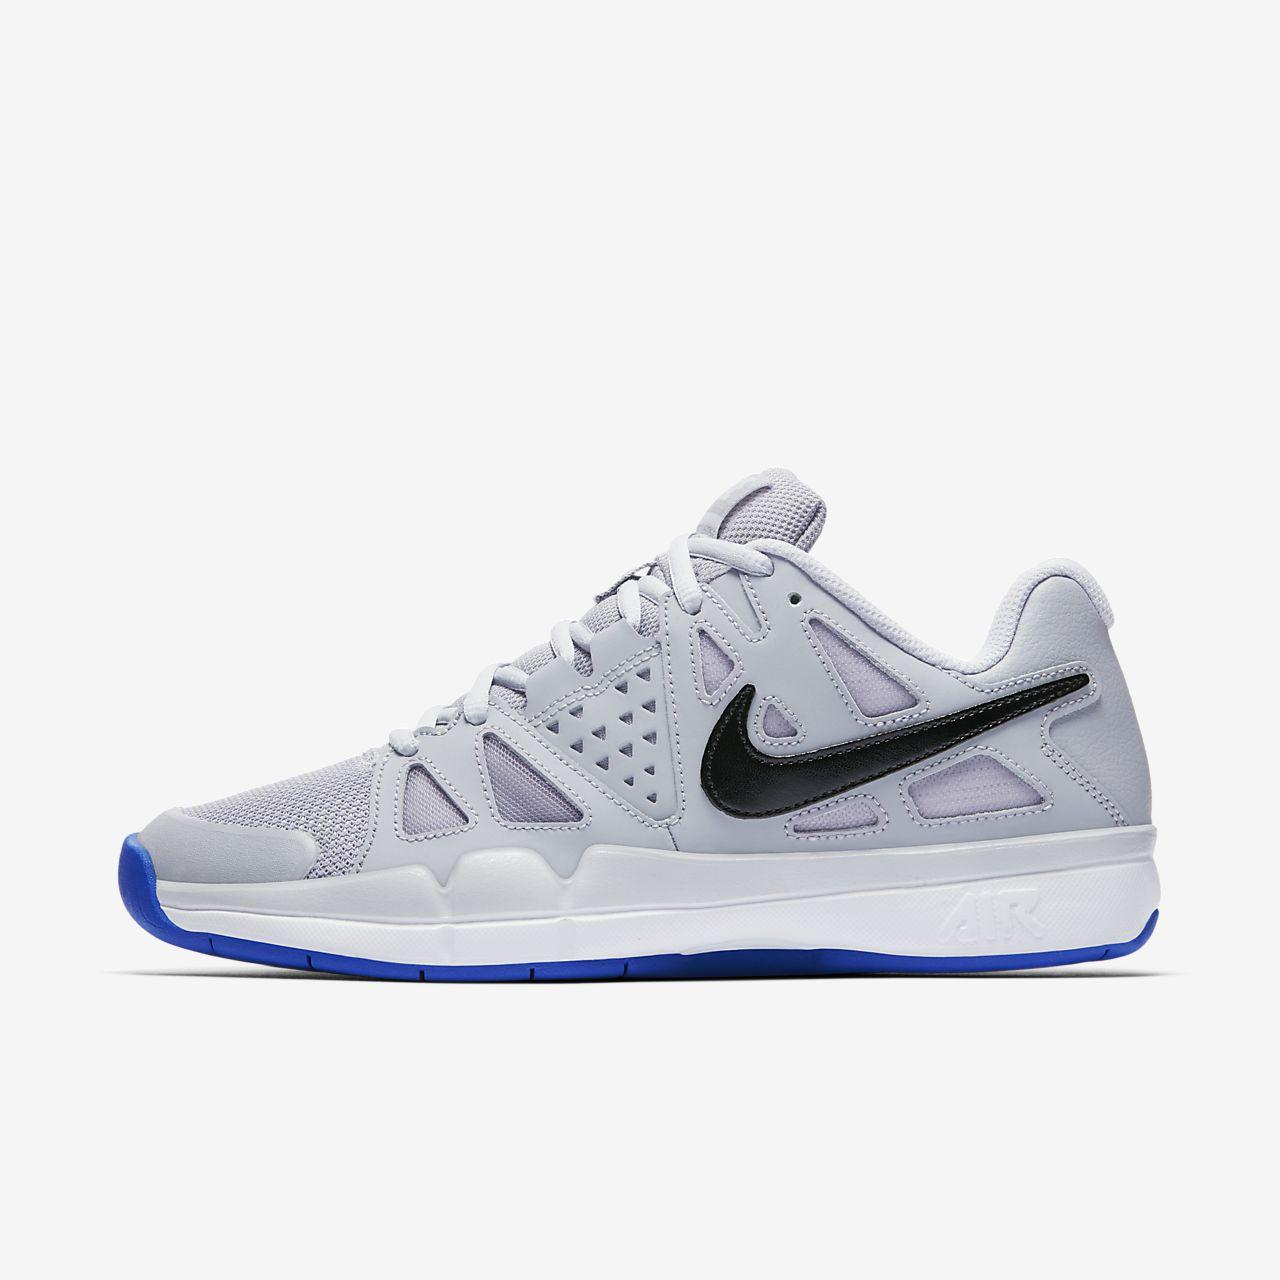 ... NikeCourt Air Vapor Advantage Carpet Women's Tennis Shoe